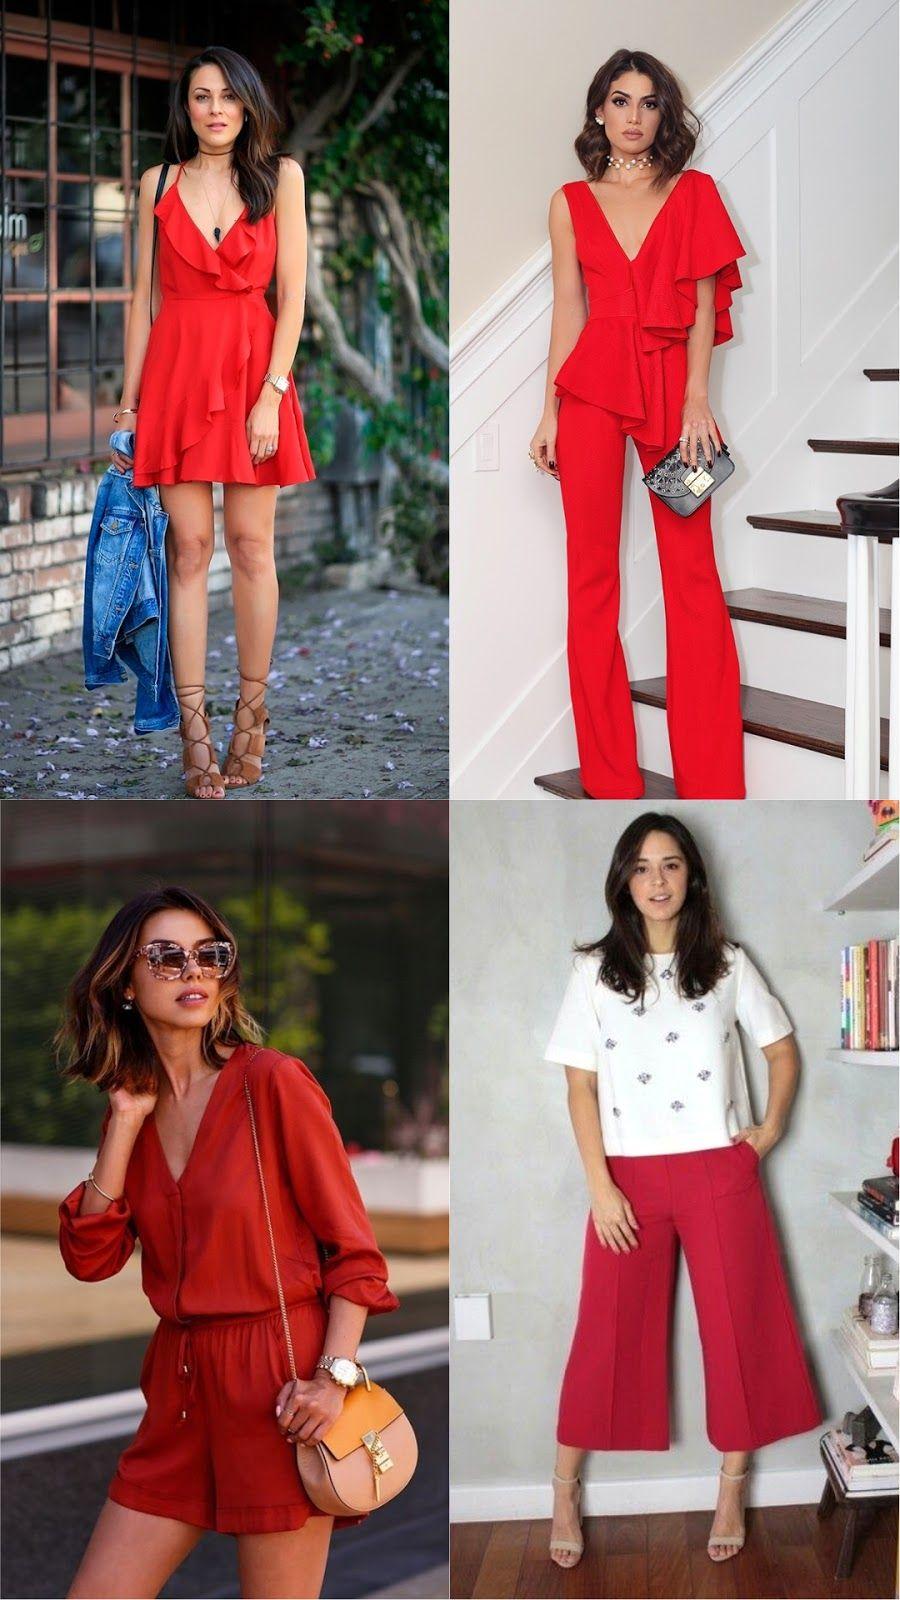 8db6b0c78 10 Tendências da Moda Feminina Primavera Verão 2018 2019 ...